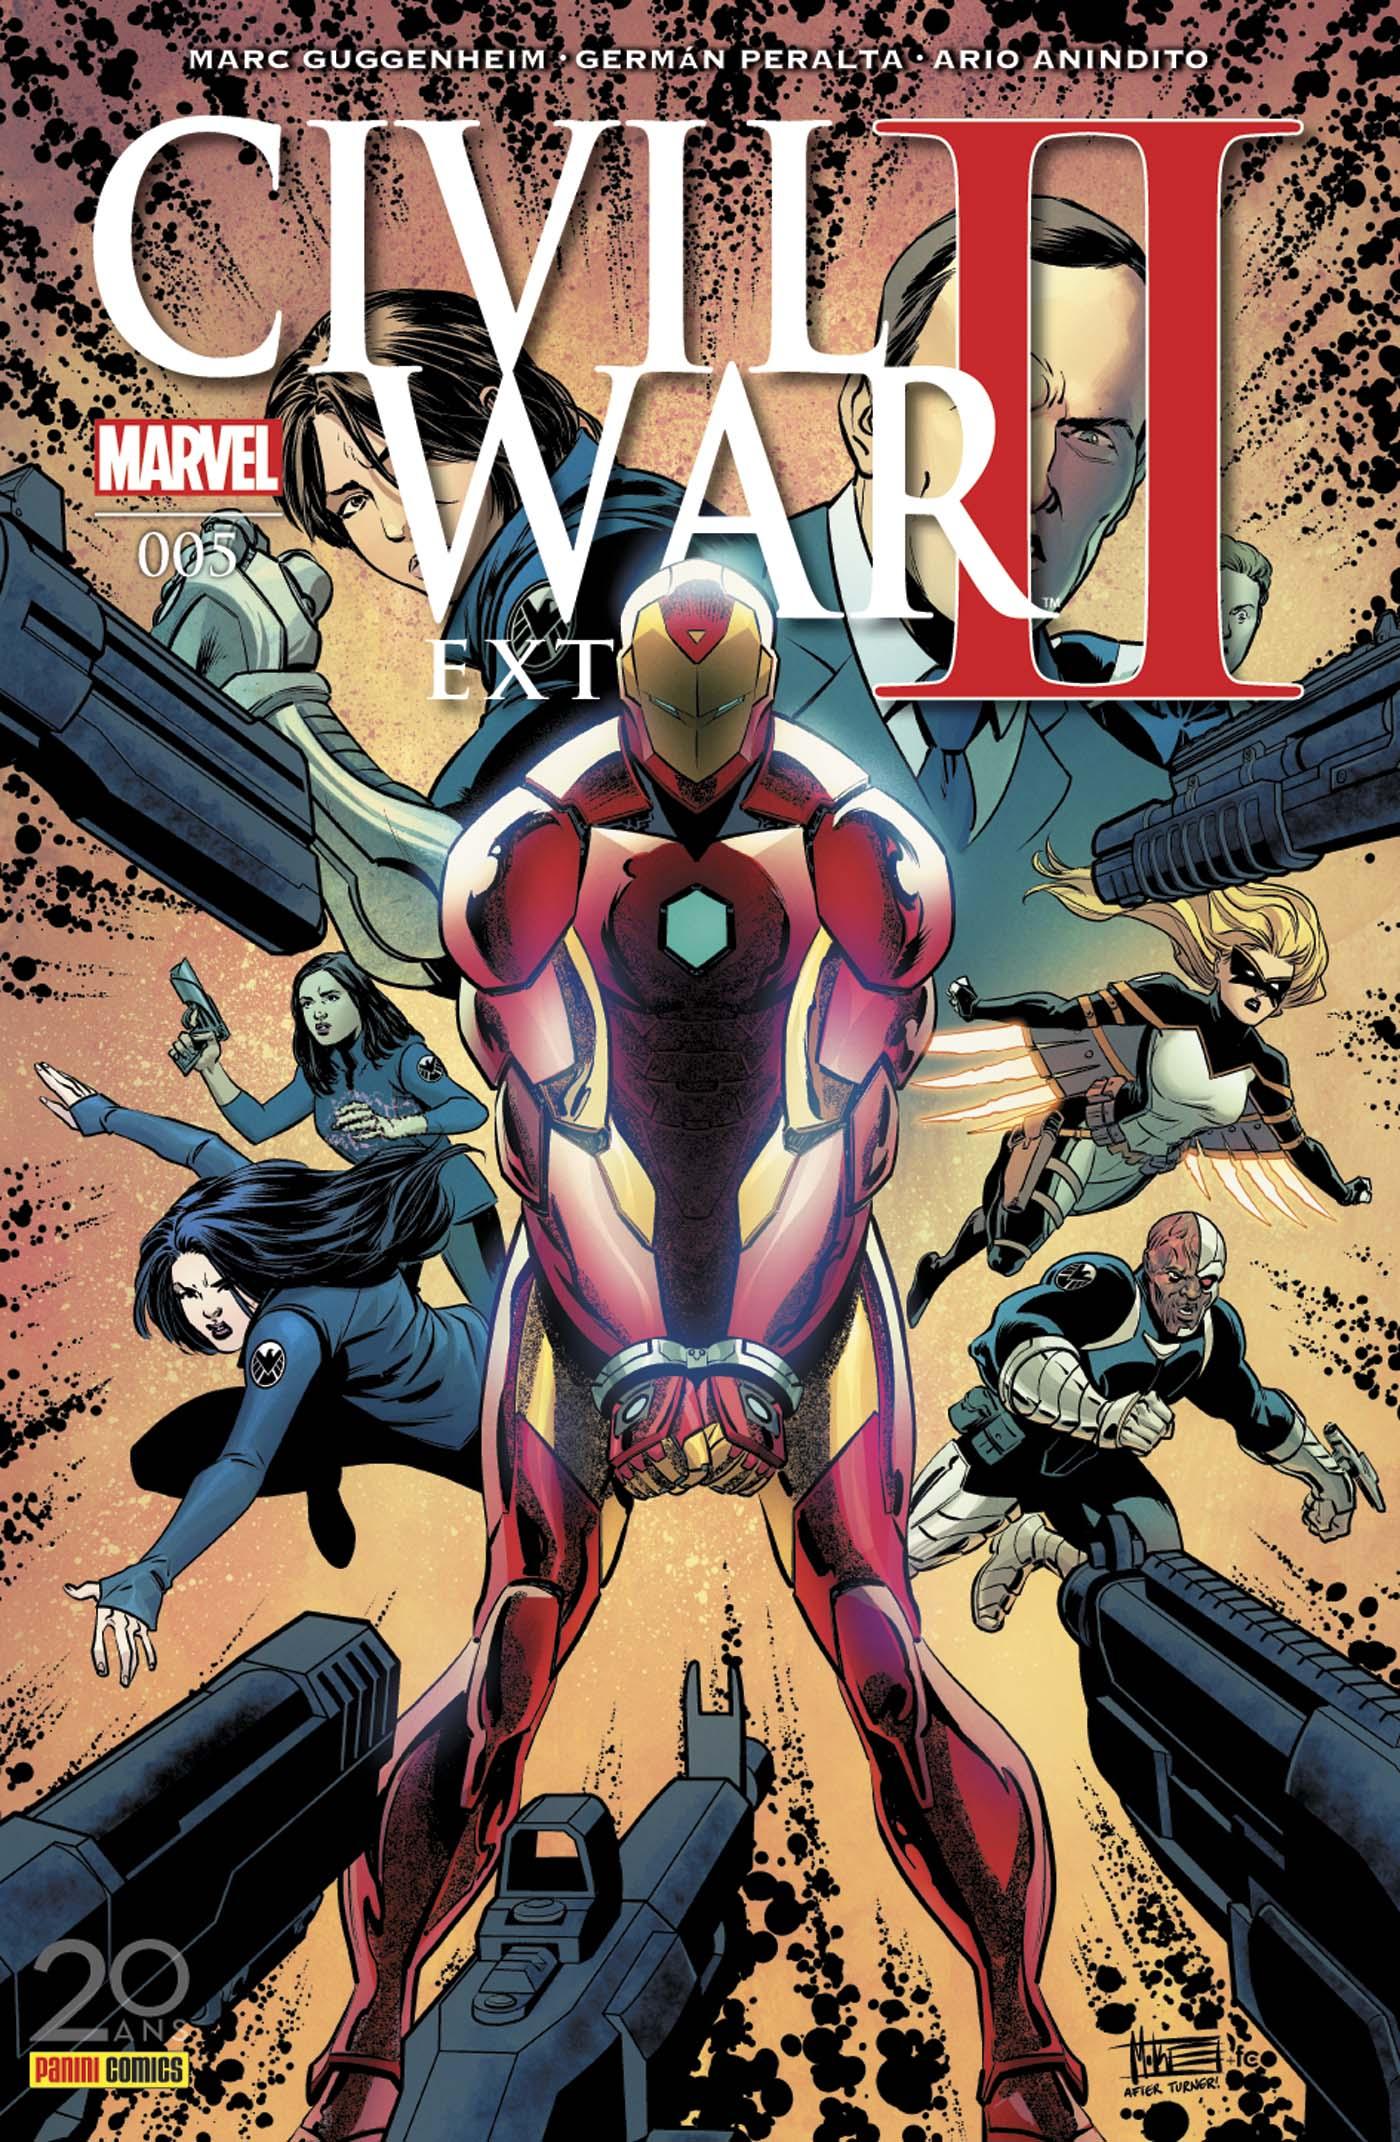 CIVIL WAR II EXTRA 5 : S.H.I.E.L.D.